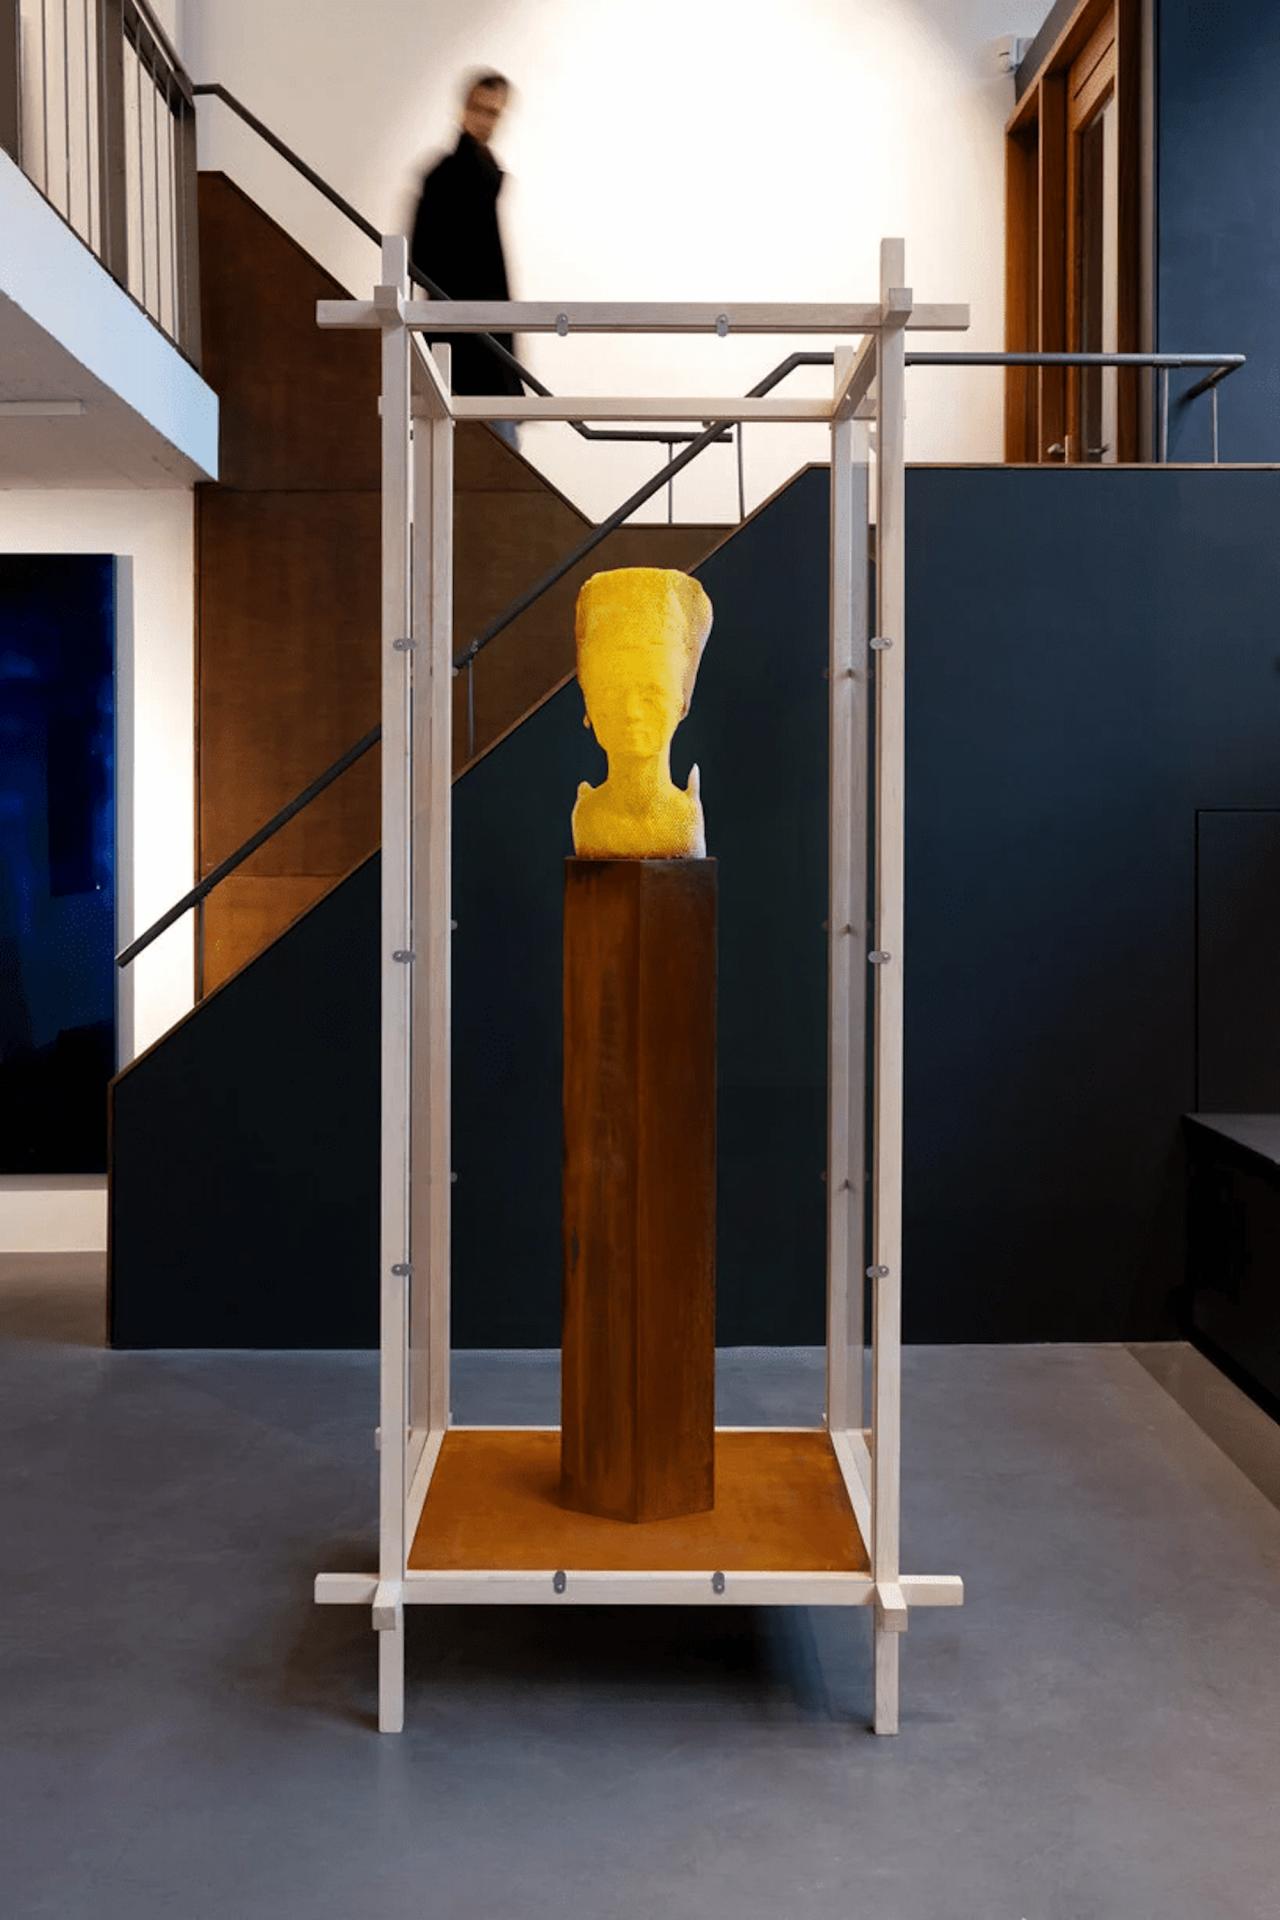 L'artiste Tomáš Libertíny laisse 60 000 abeilles sculpter le buste de Néfertiti